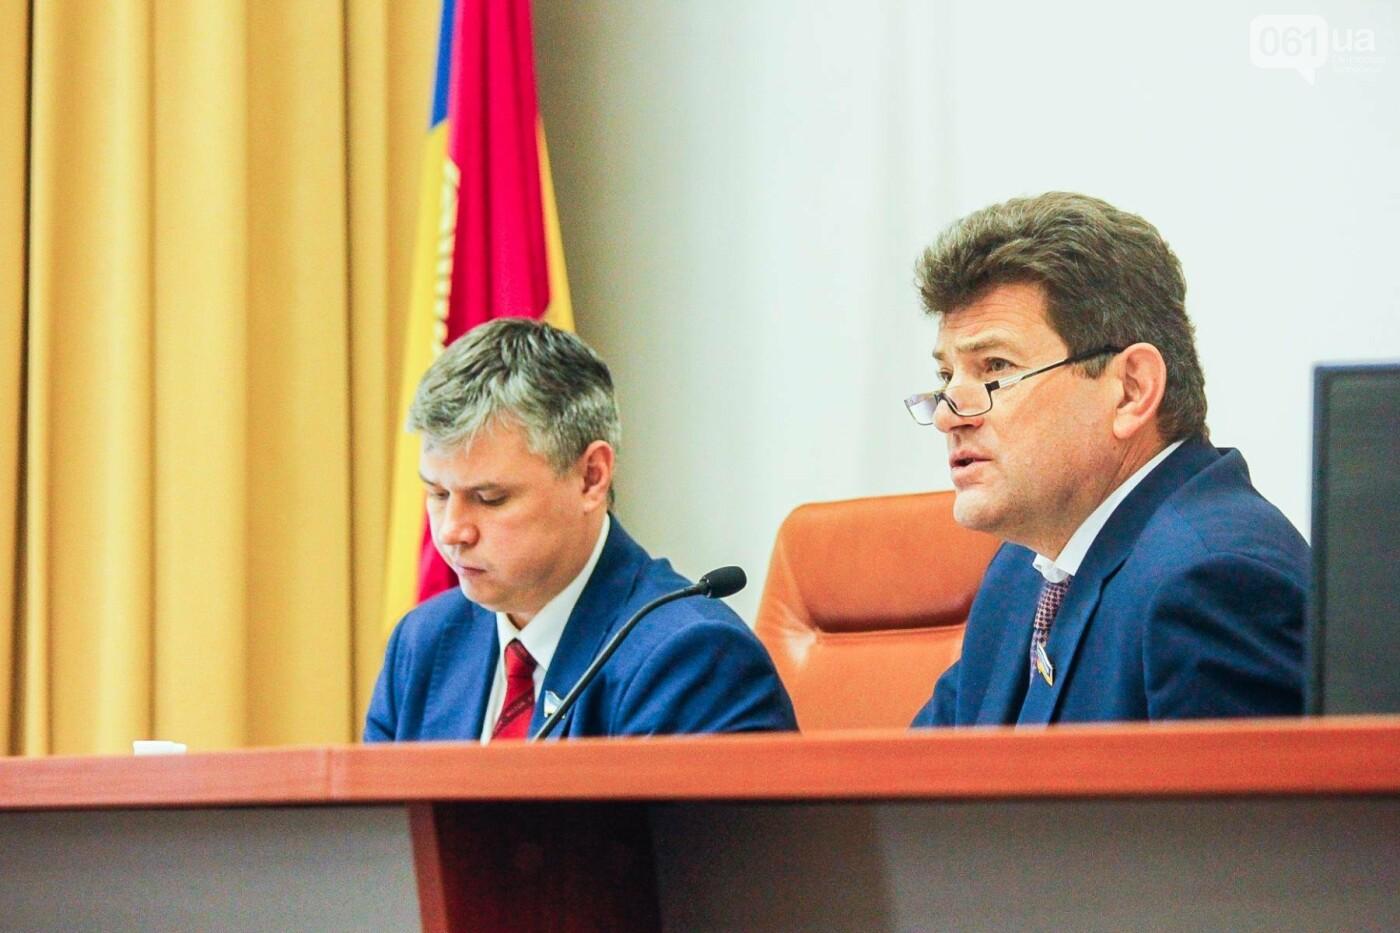 Сессия запорожского горсовета в лицах, - ФОТОРЕПОРТАЖ, фото-15